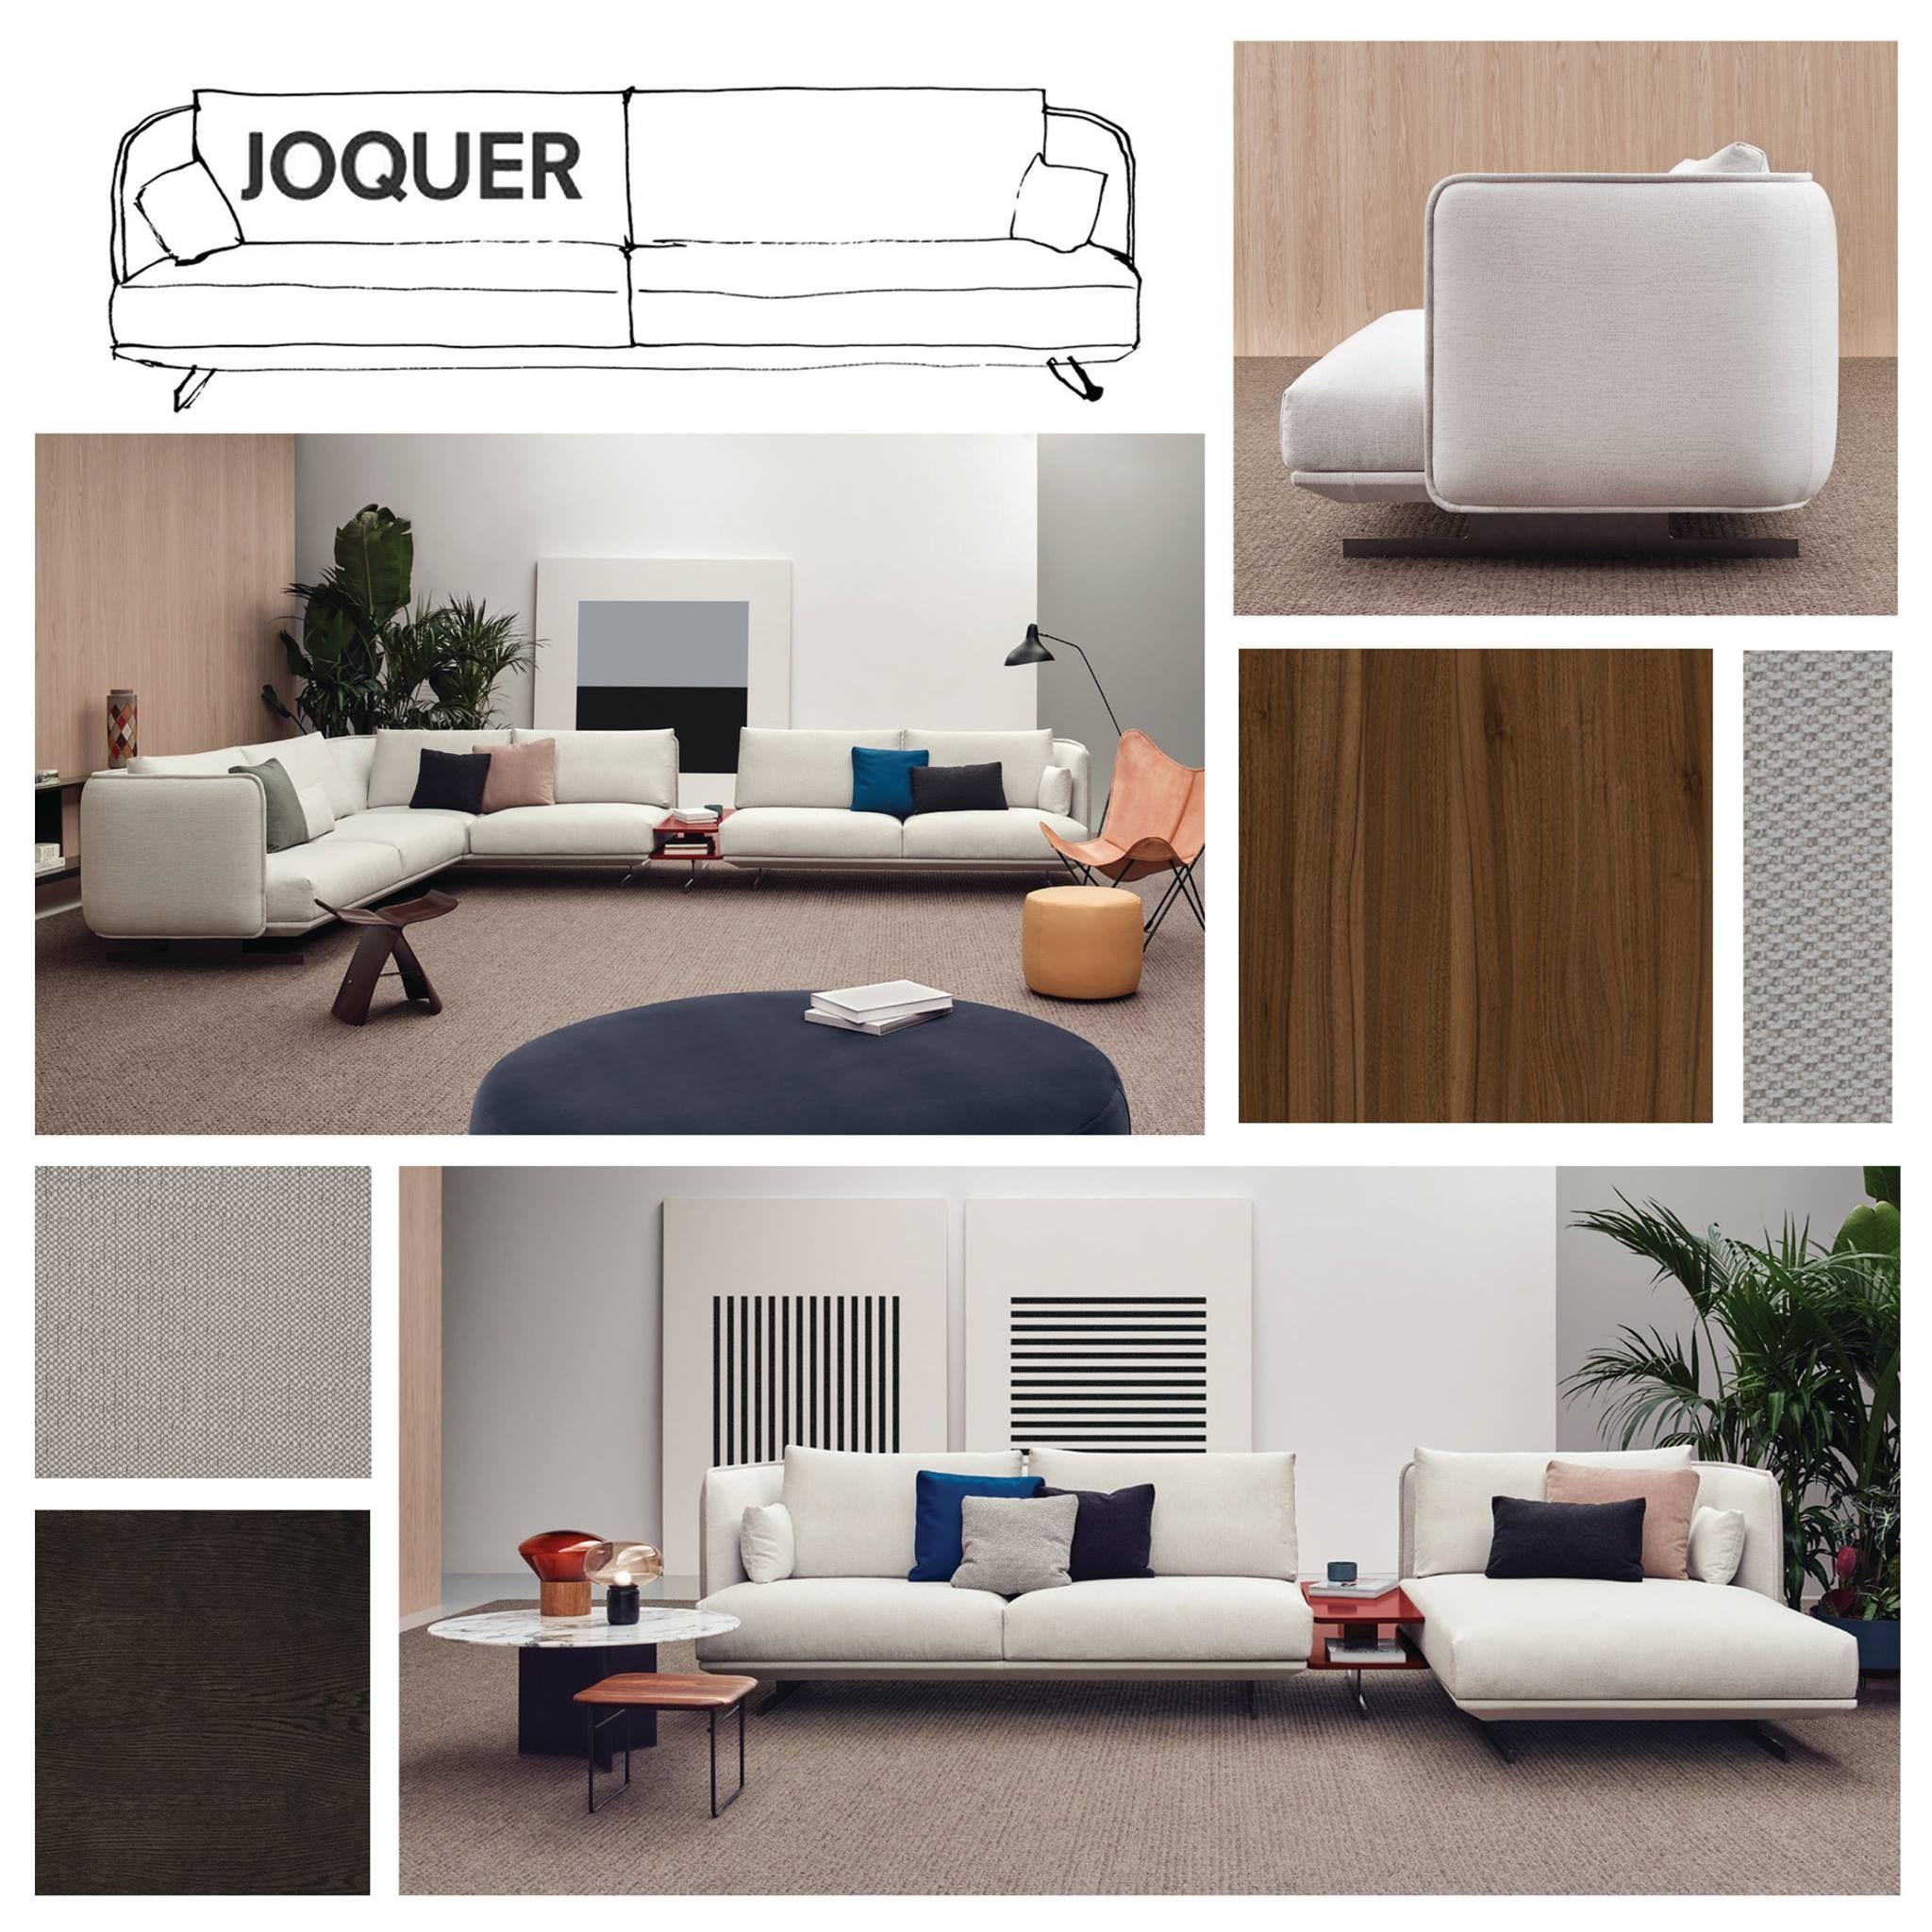 Nowa propozycja od marki Joquer sofa Serene to przede wszystkim